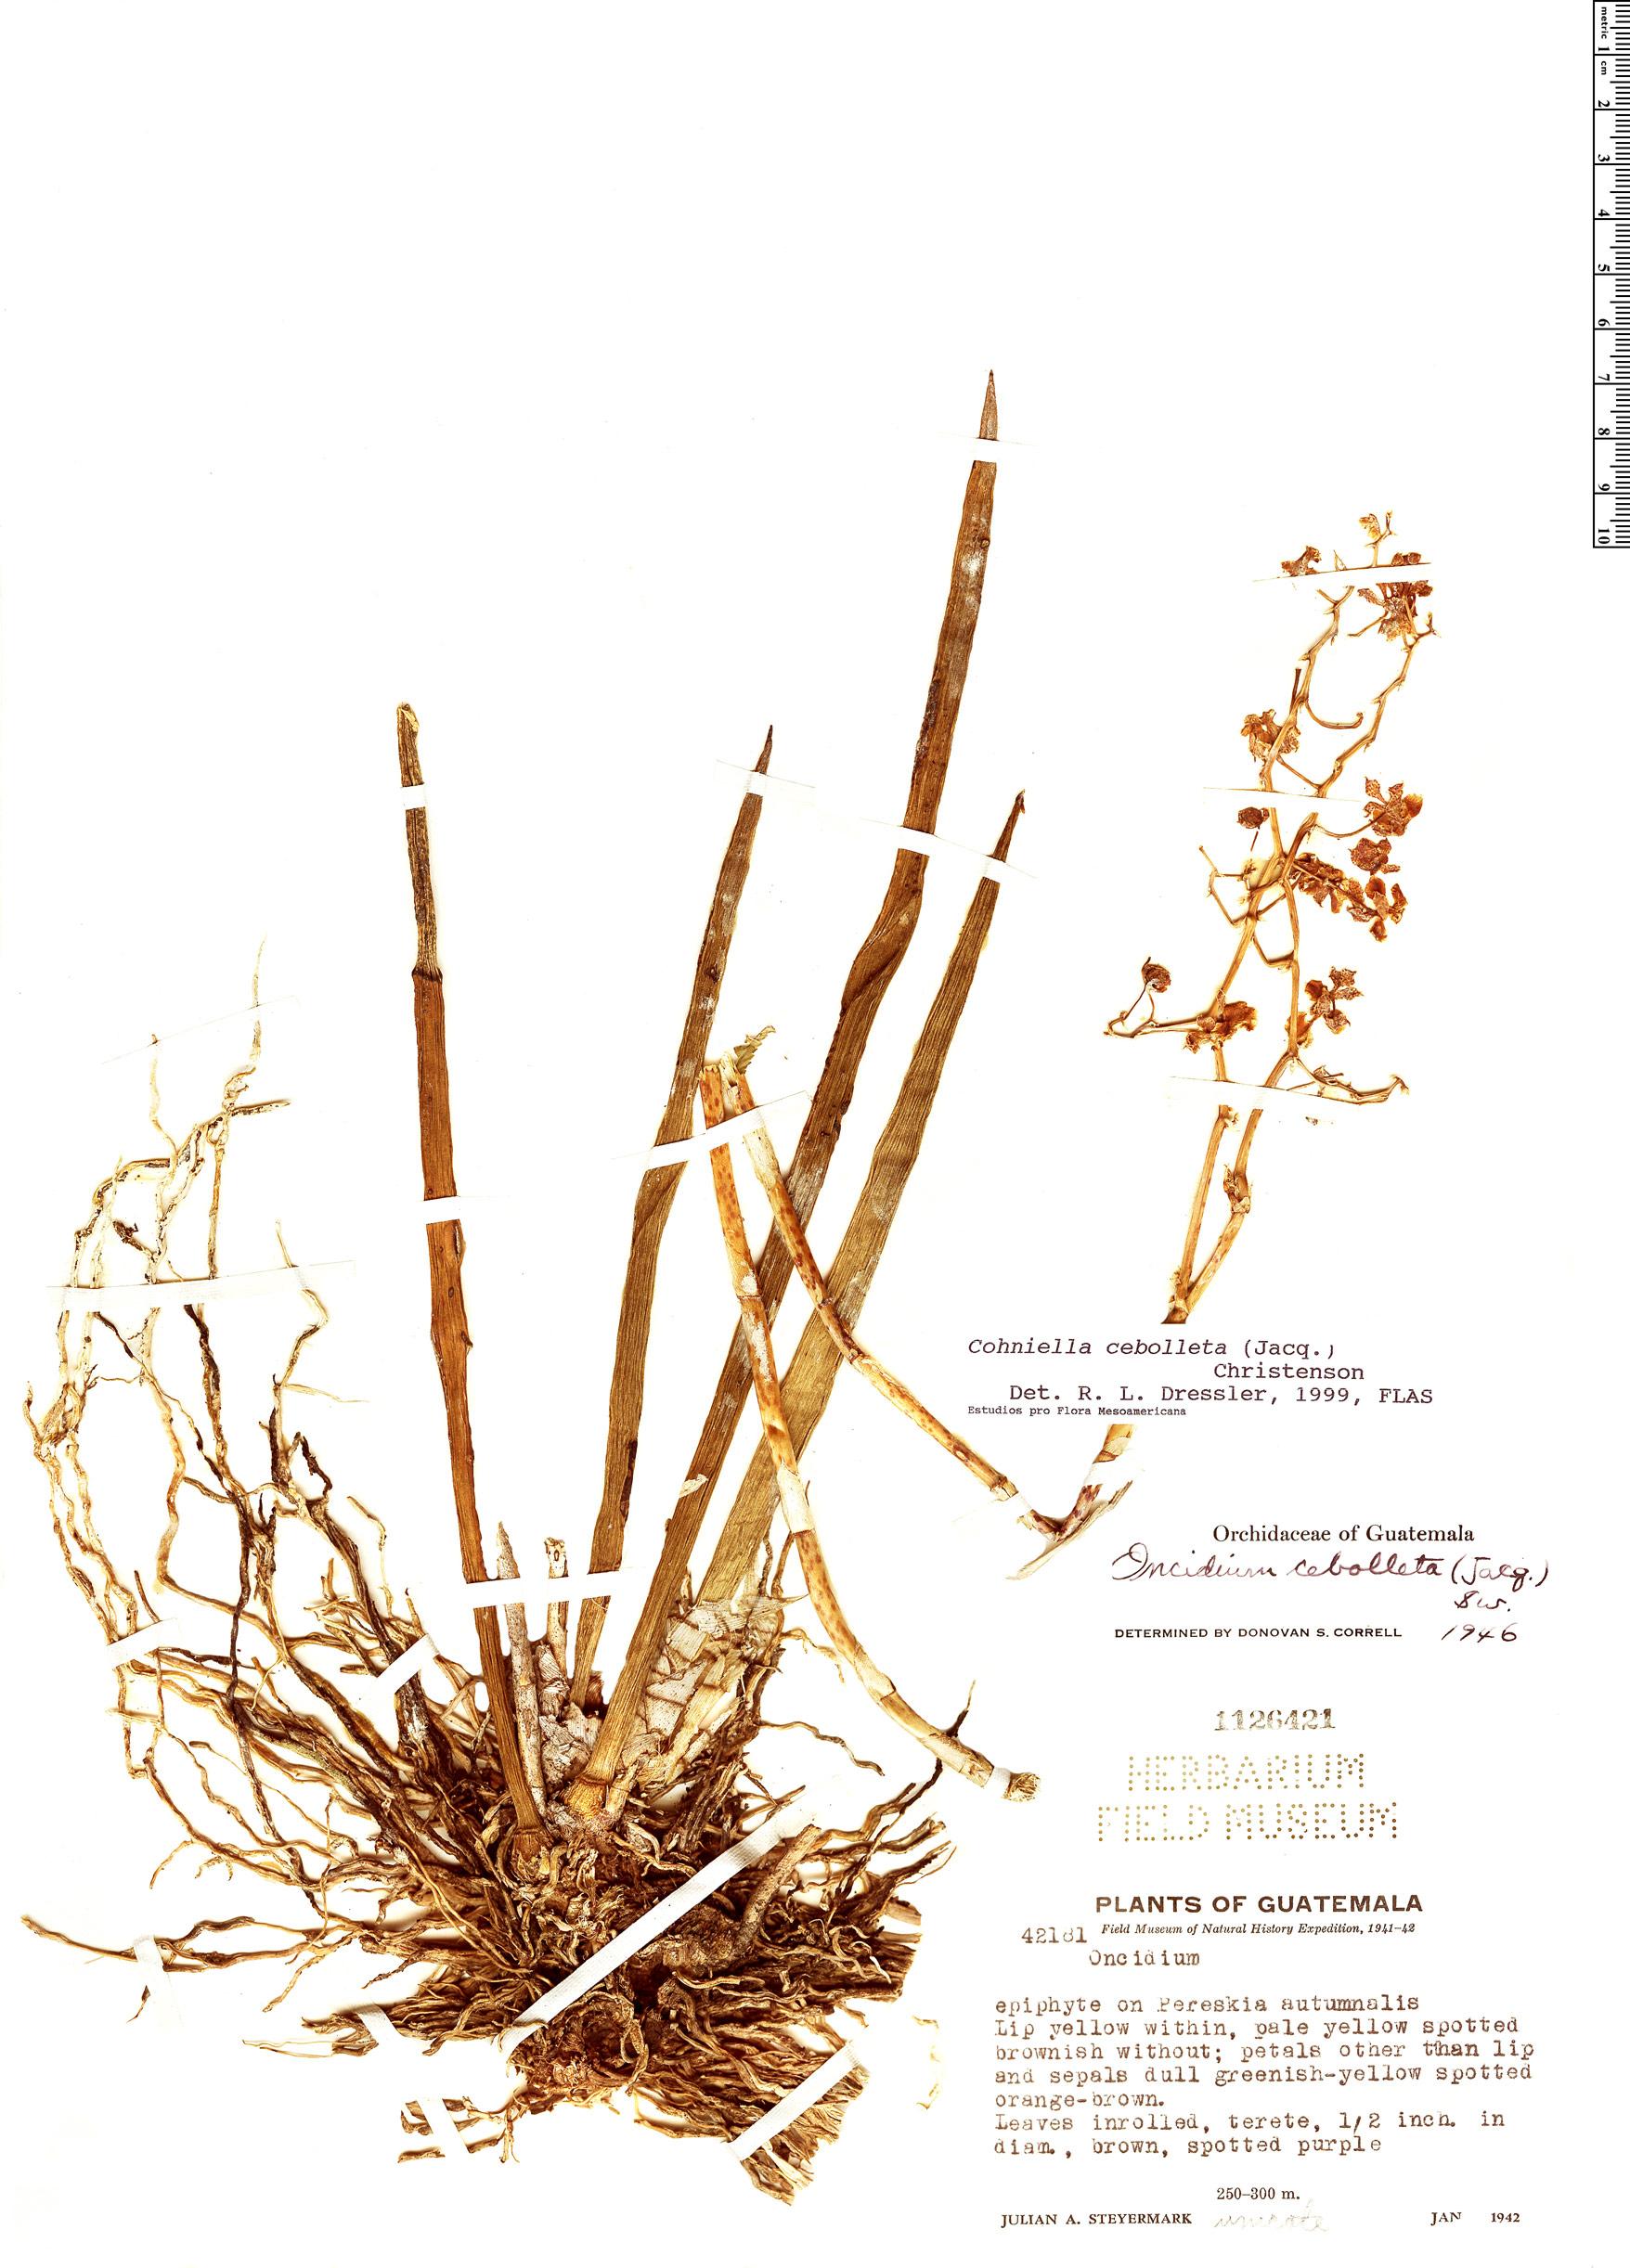 Specimen: Cohniella cebolleta